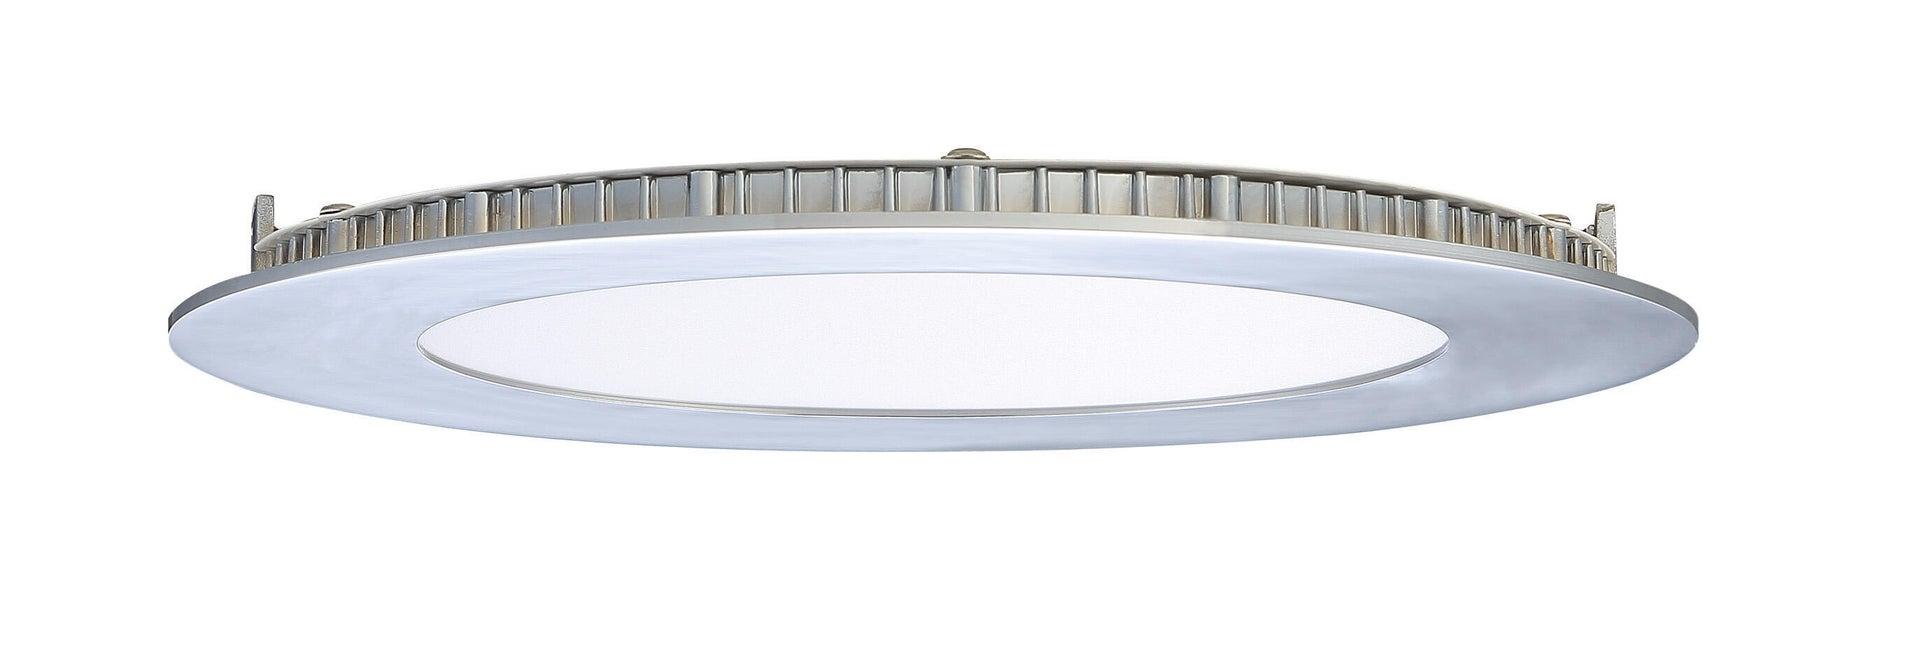 Faretto fisso da incasso tondo Ex.bath in Alluminio nichel, diam. 12 cm LED integrato 900LM IP44 INSPIRE - 2